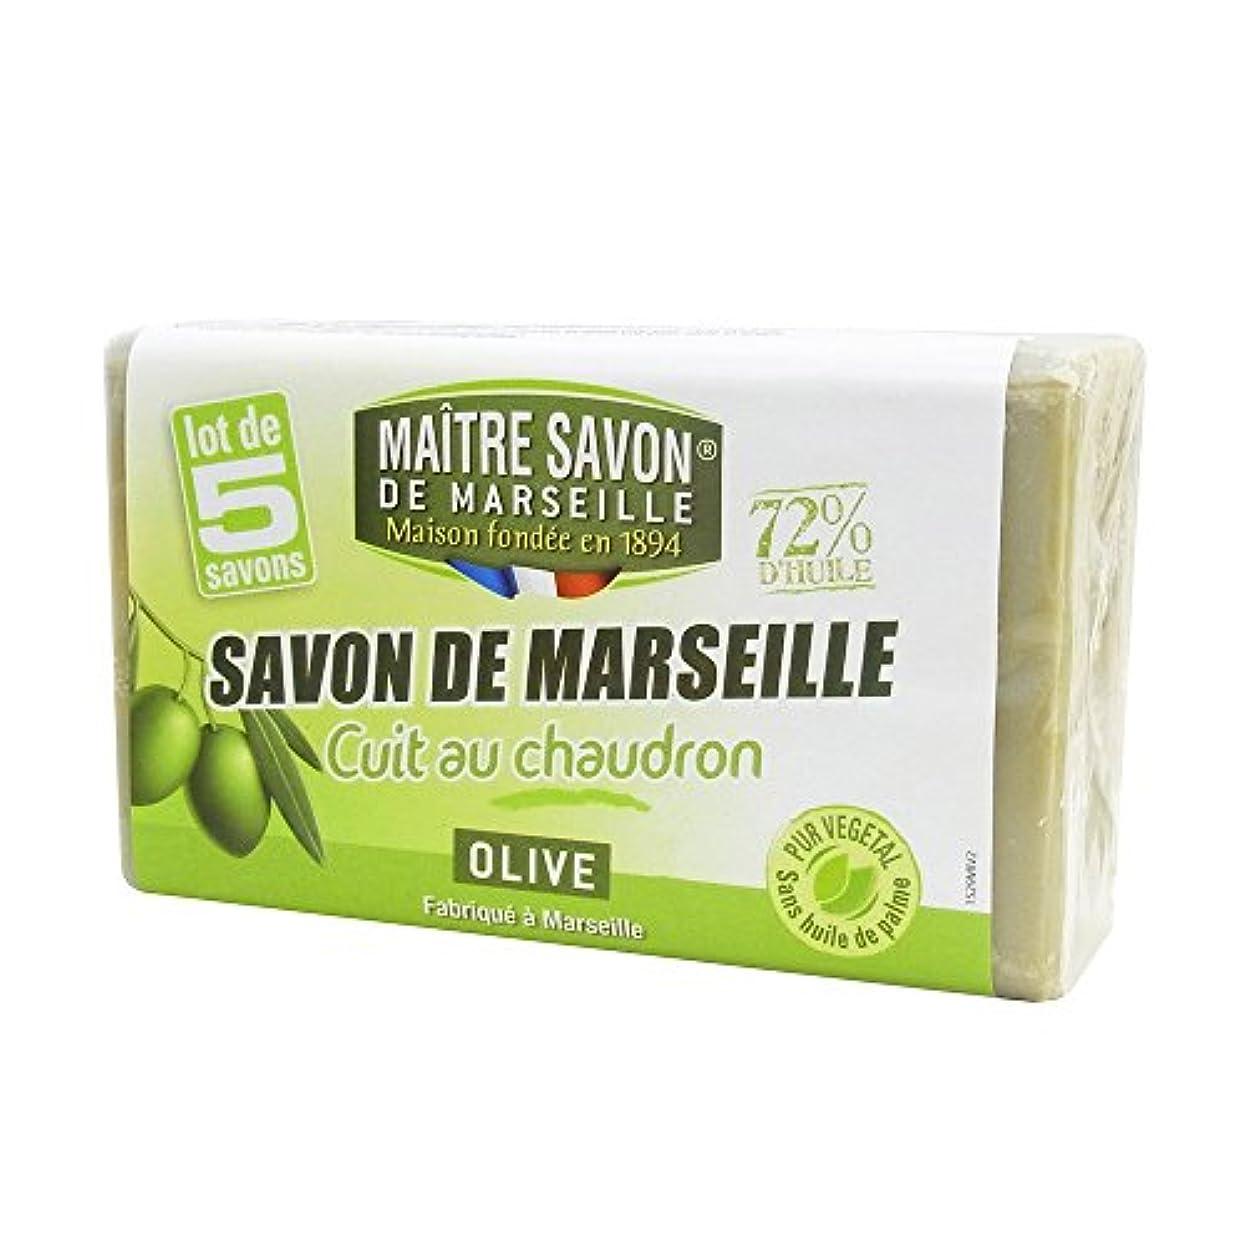 経由でドリンク羊のMaitre Savon de Marseille(メートル?サボン?ド?マルセイユ) サボン?ド?マルセイユ オリーブ 100g×5個